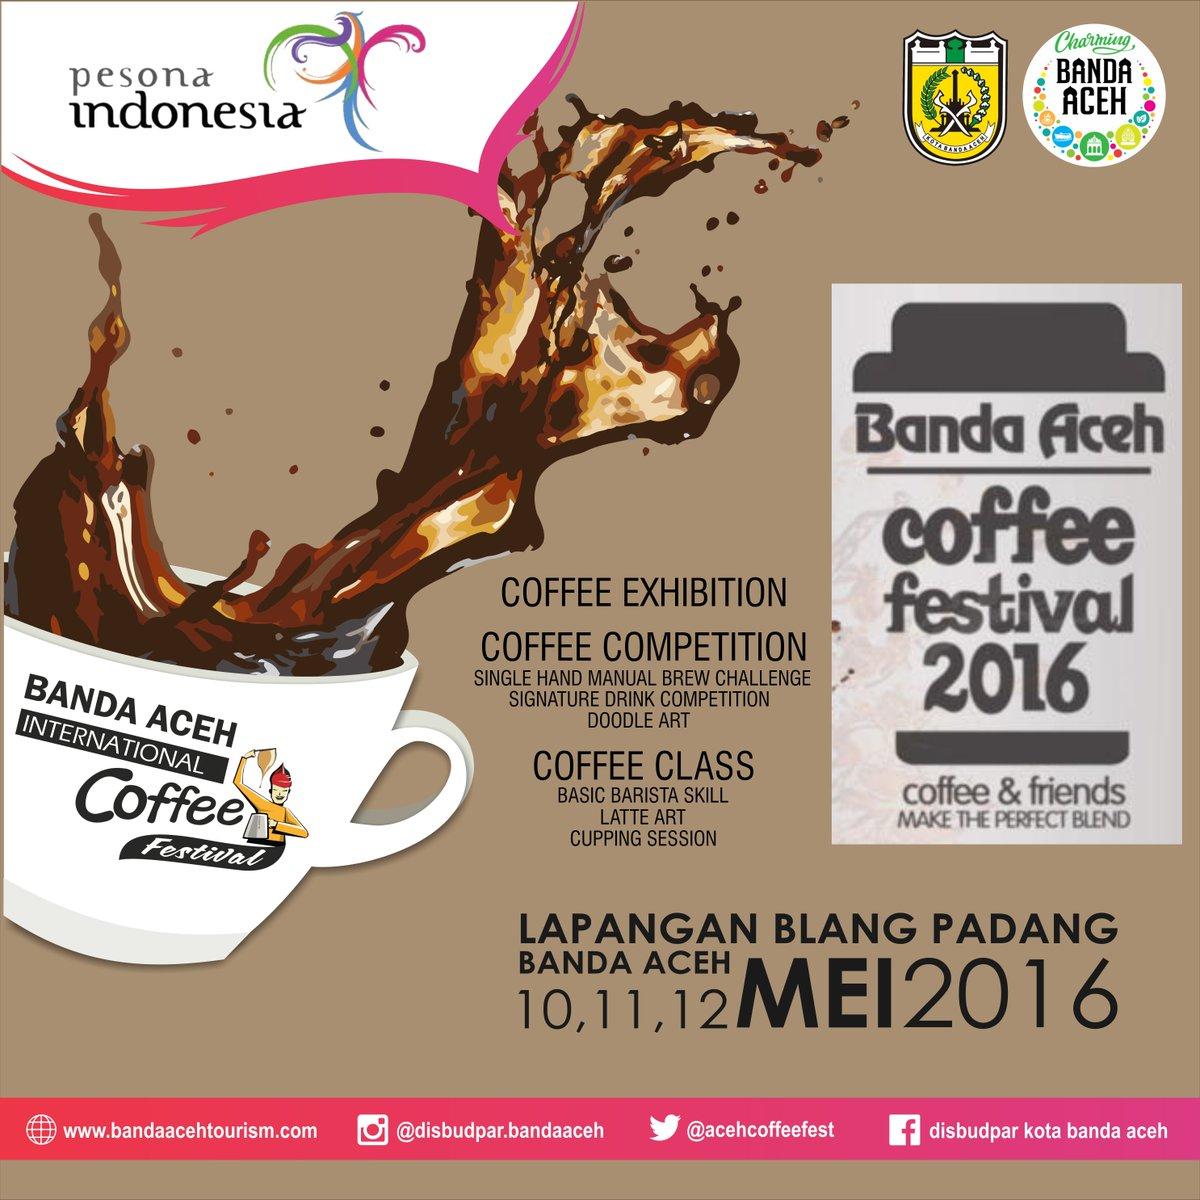 Bandaacehcoffeefest On Twitter Banda Aceh International Coffee Festival 2016 Acehcoffeefest2016 Disbudparbandaaceh Charmingbandaaceh Coffeefest